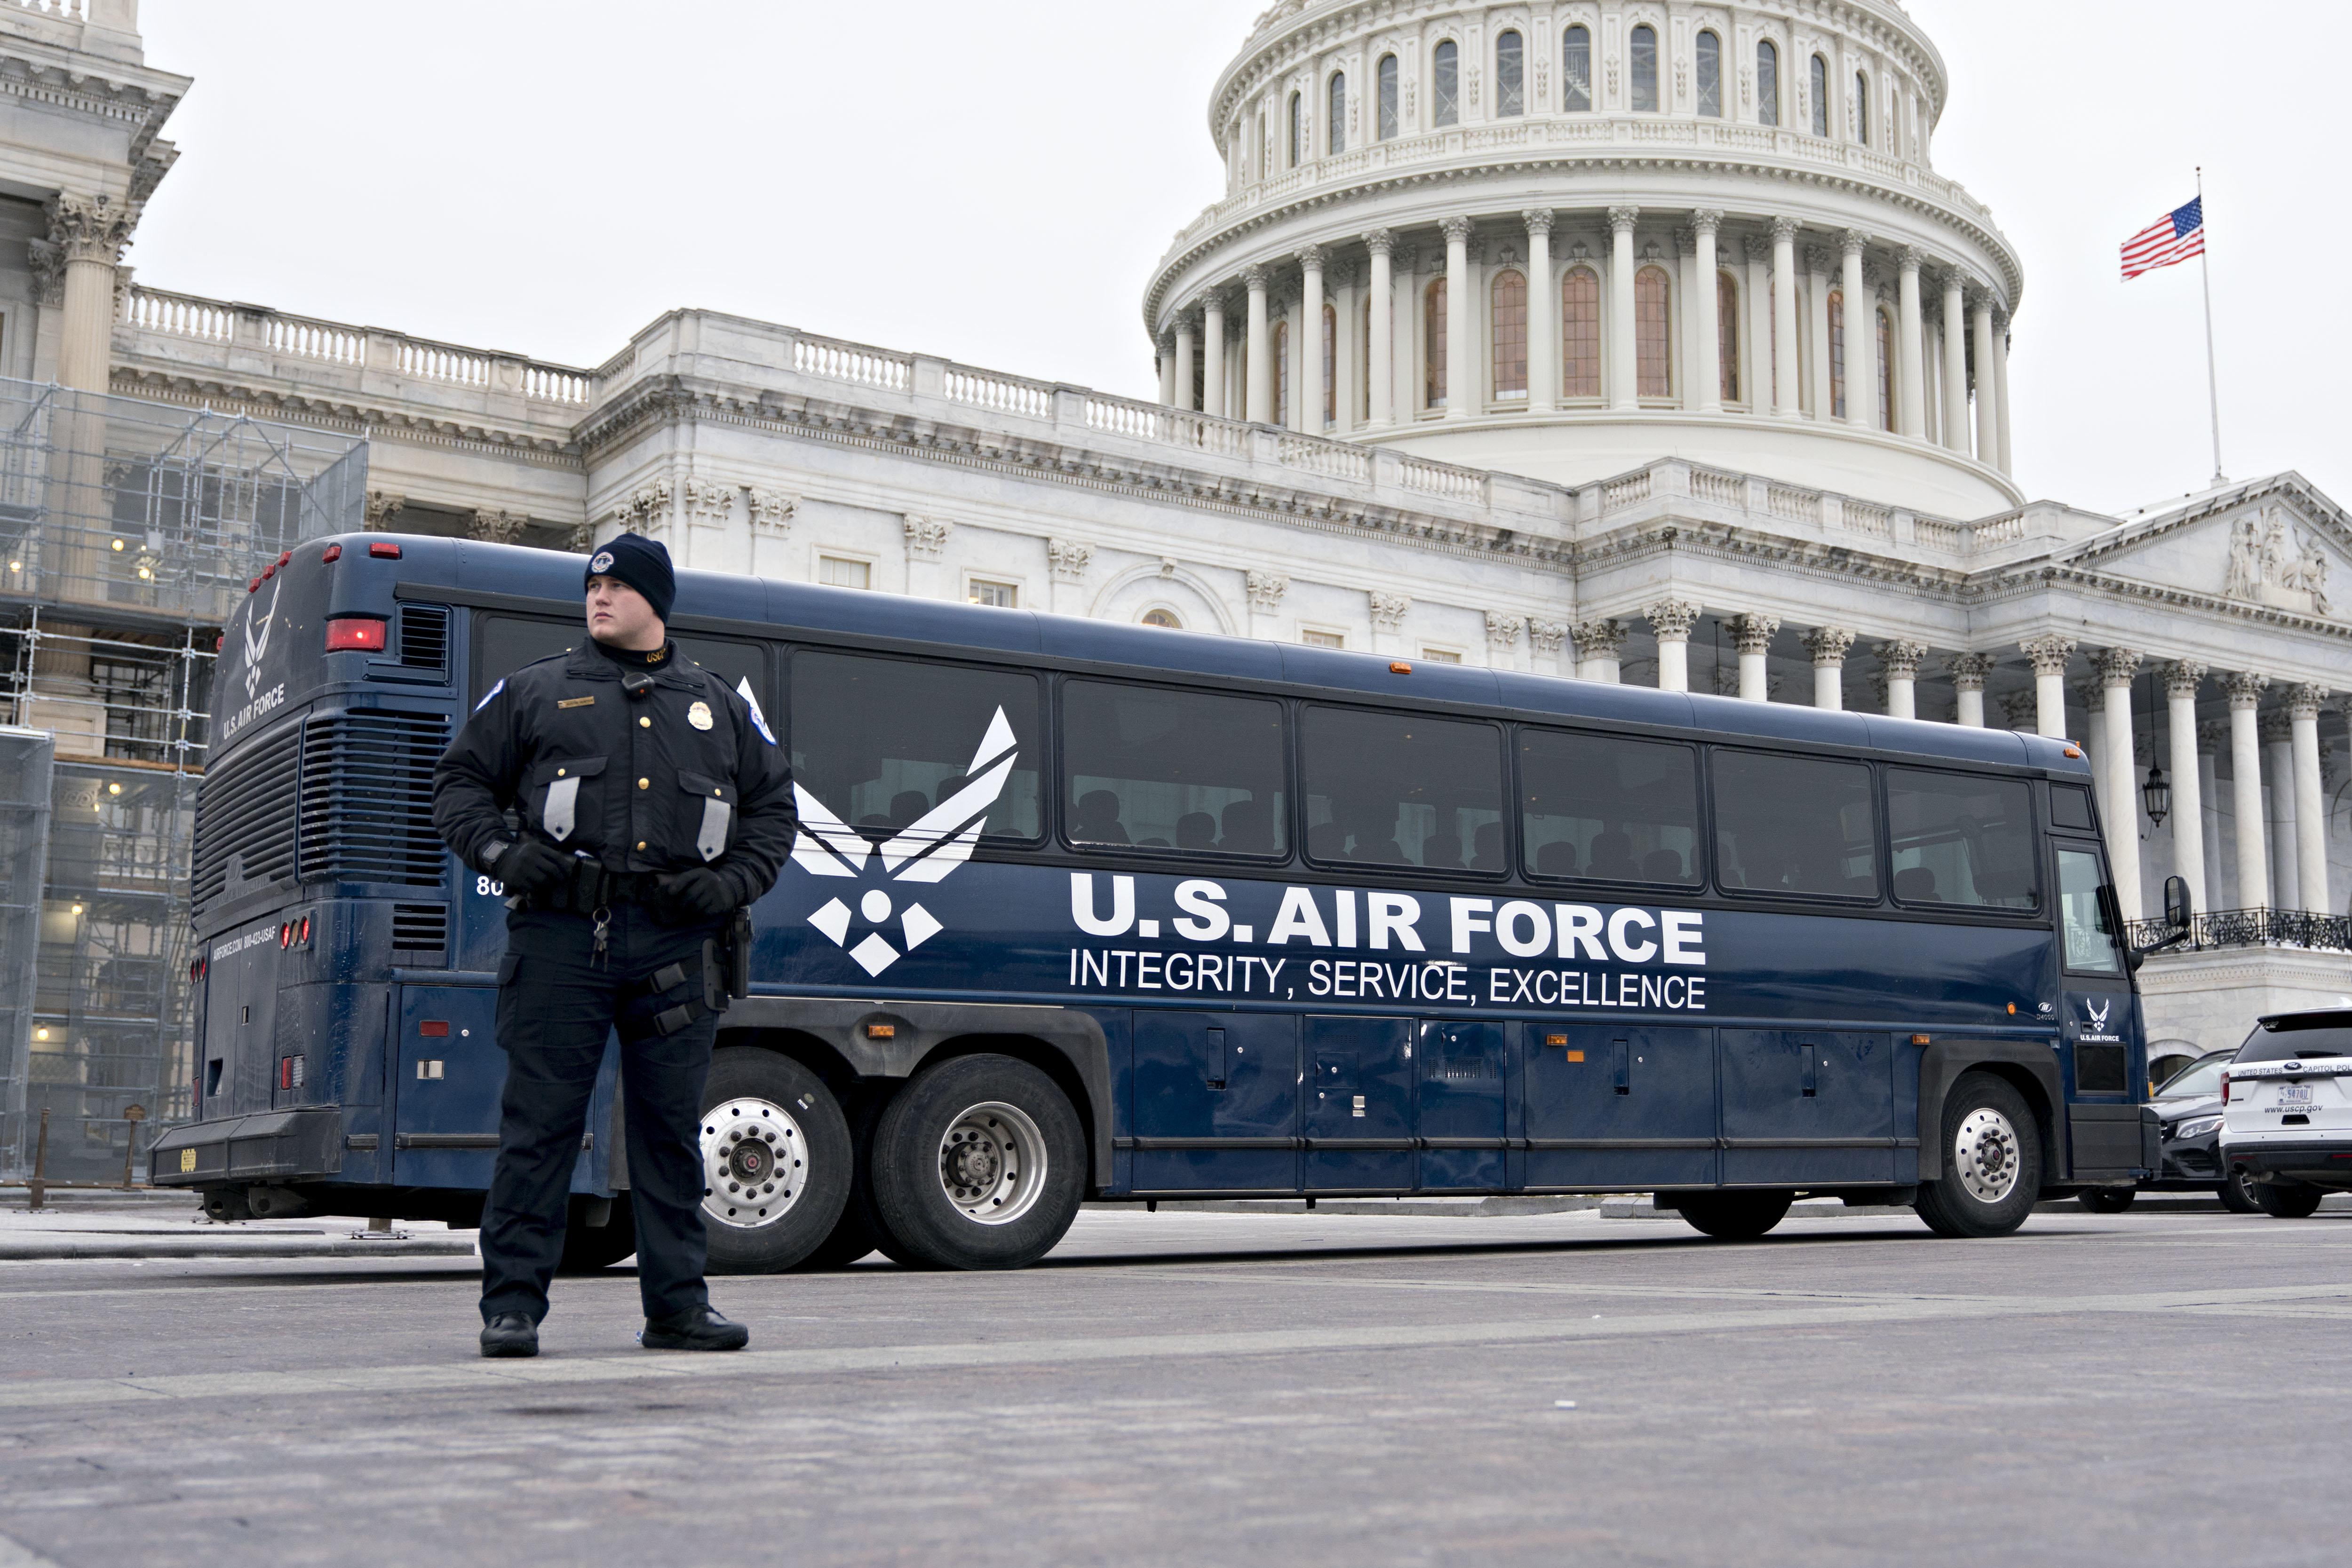 낸시 펠로시 하원의장(민주당, 캘리포니아) 일행을 태울 예정이었던 미국 공군 버스가 워싱턴DC 의사당 건물 앞에 서있다. 2019년